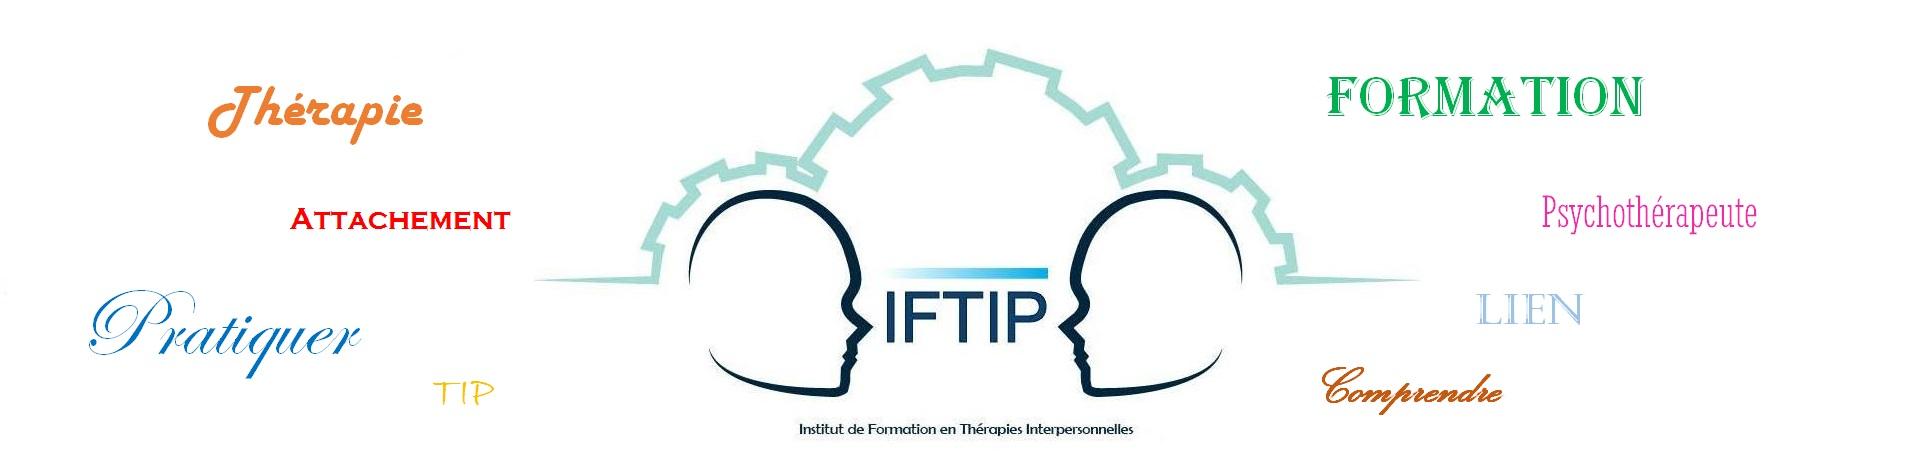 Institut de Formation en Thérapie Interpersonnelle